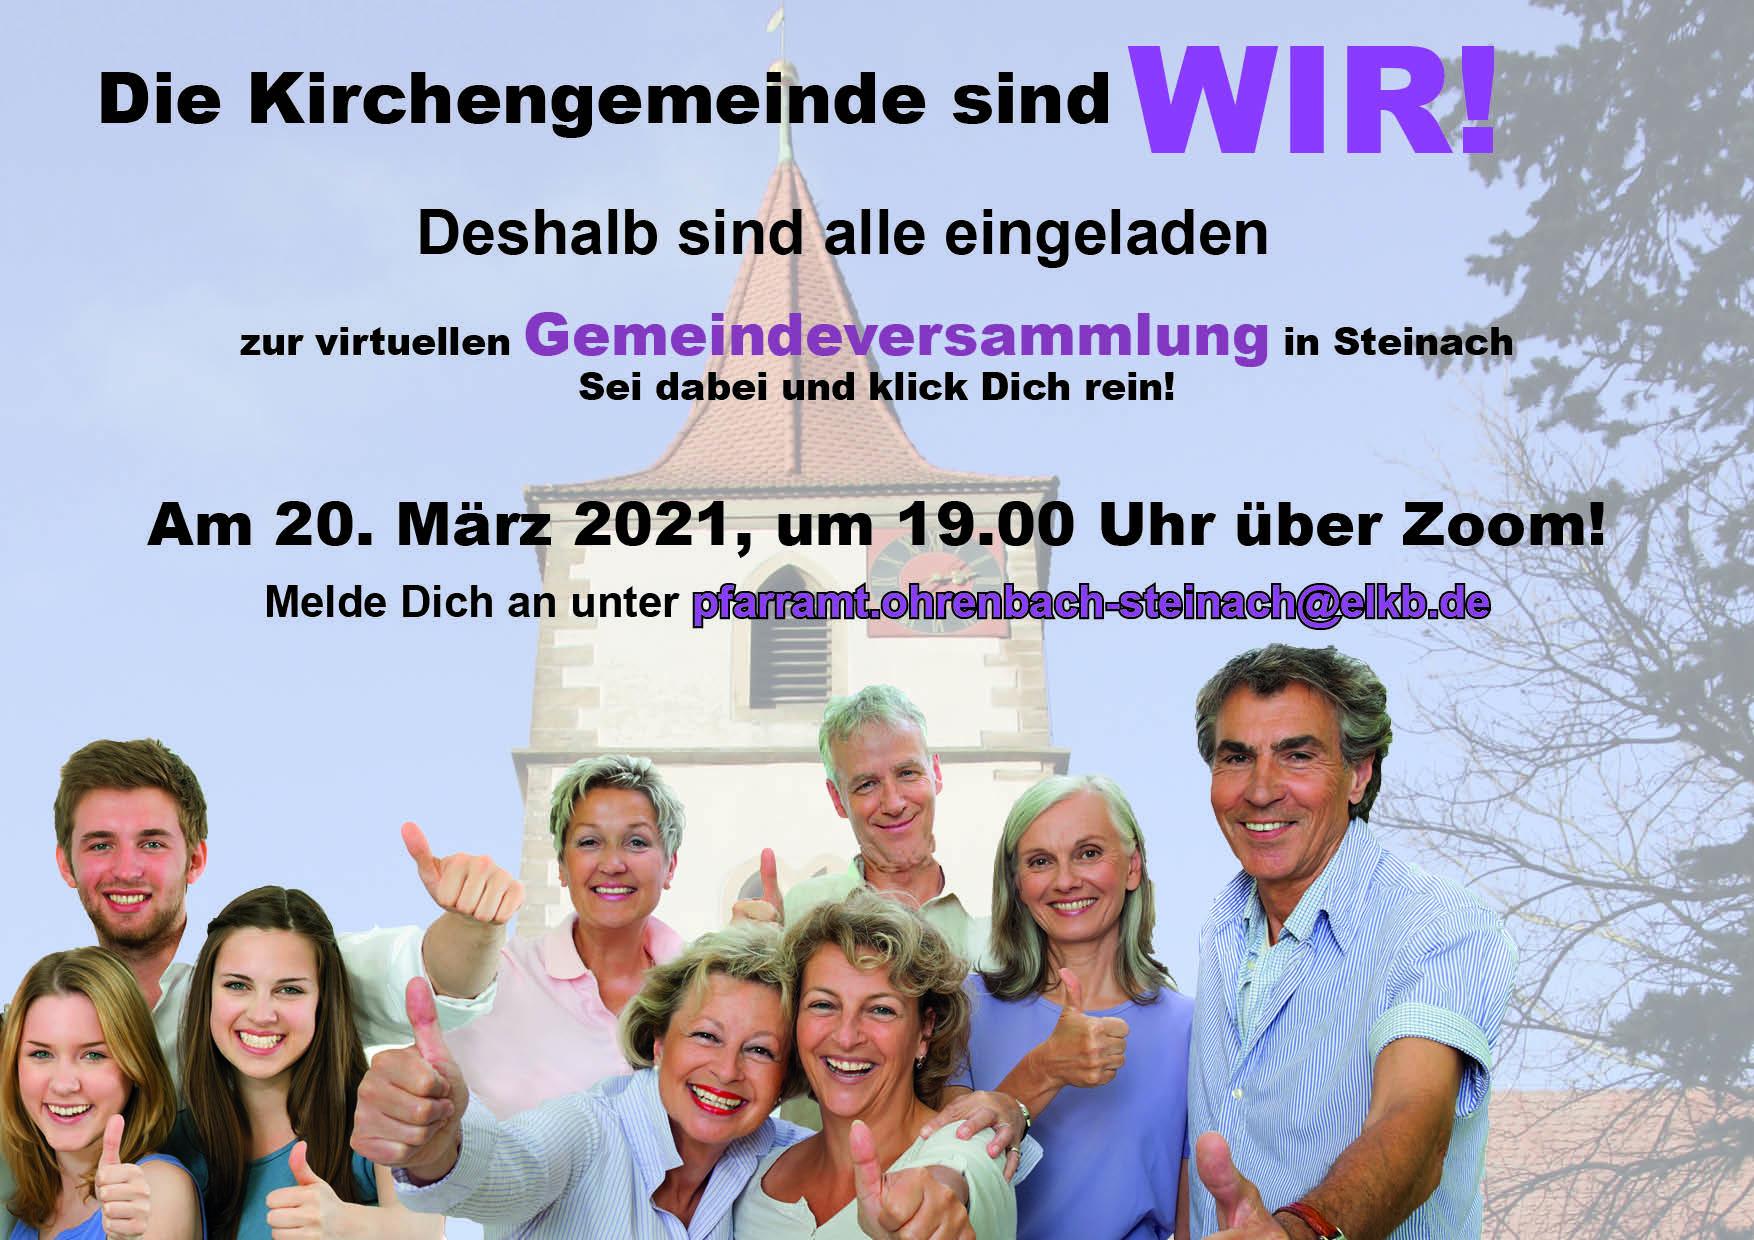 Gemeindeversammlung per Zoom-Videokonferenz